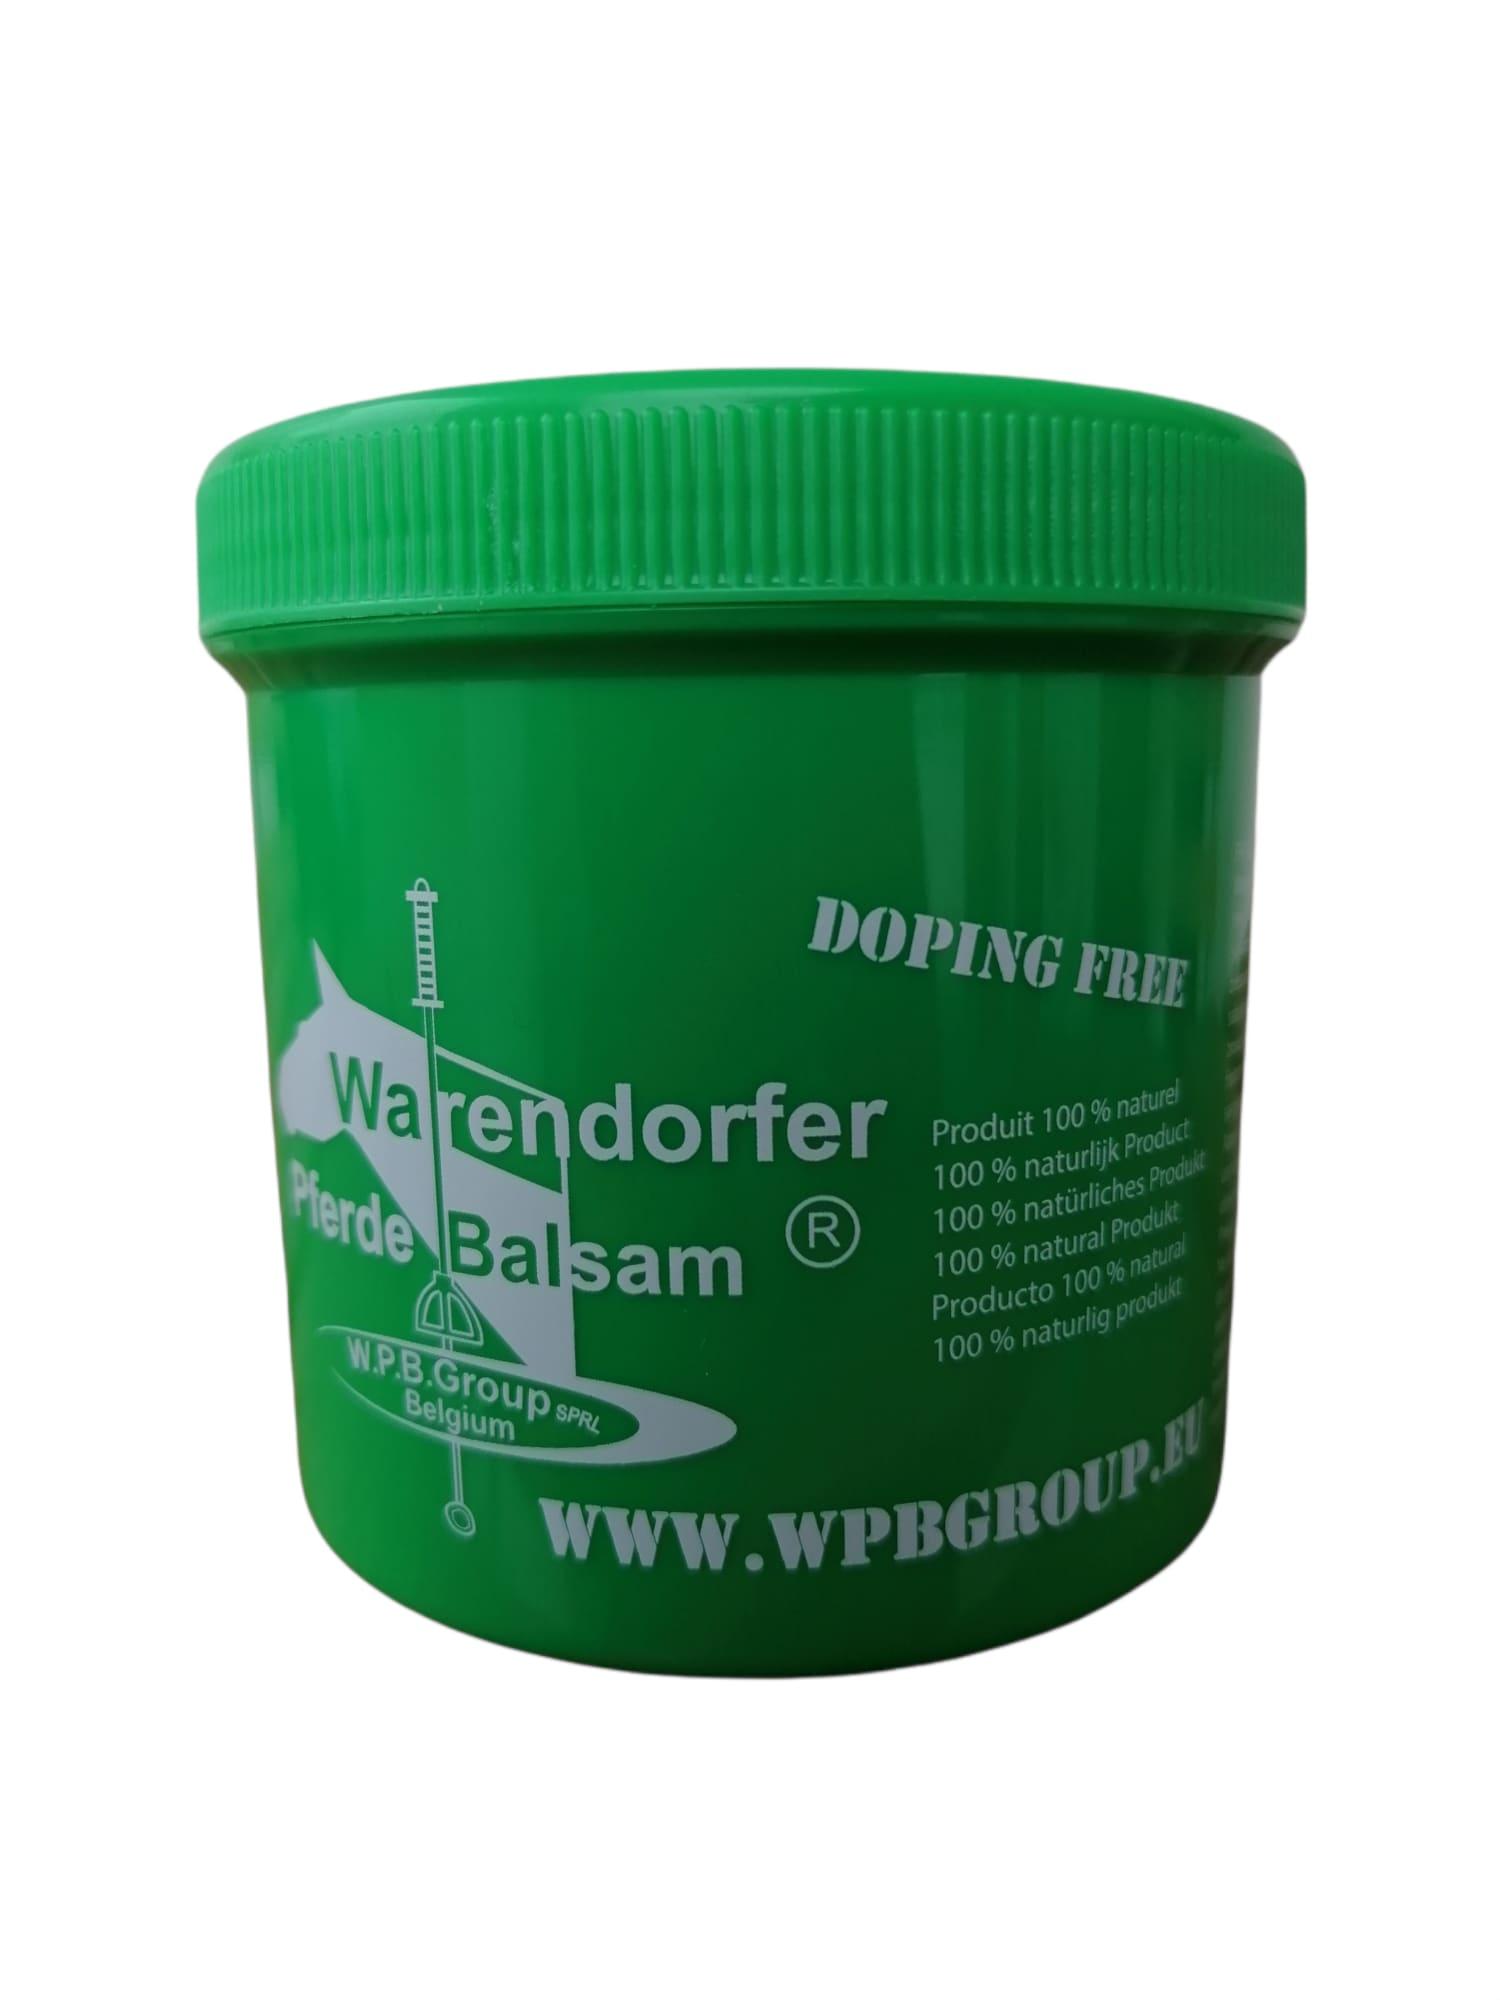 Warendorfsalva 250 ml